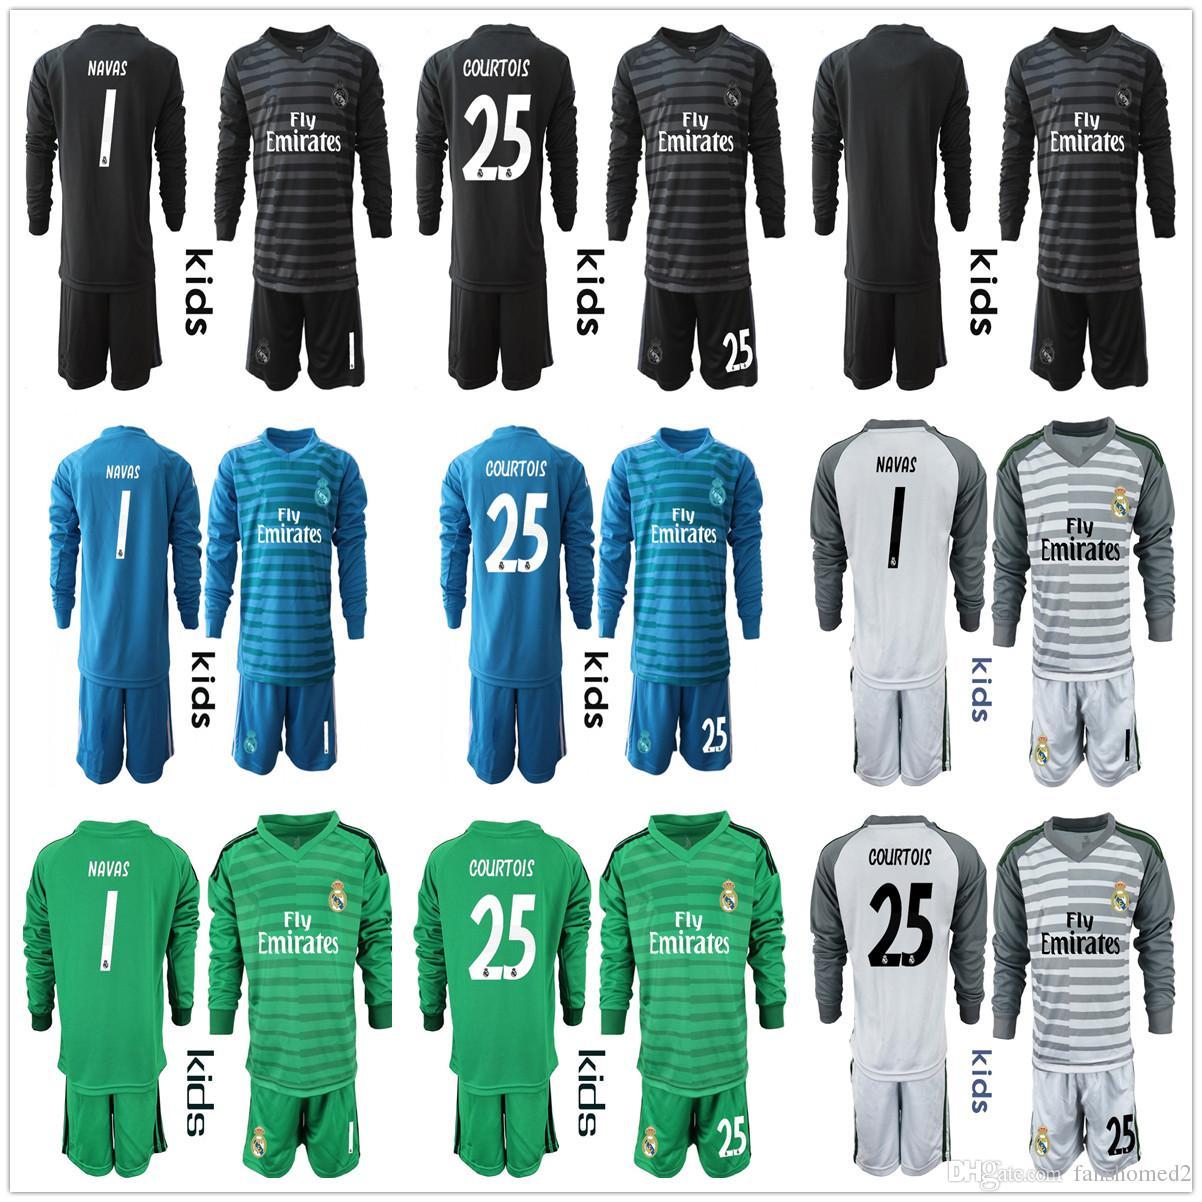 0d7ce0080 Compre 2018 2019 Niños   1 Keylor NAVAS   25 Courtois Juvenil Real Madrid  Camisetas Equipos De Fútbol Para Porteros Kits Boy Casilla Uniforme De  Fútbol Para ...